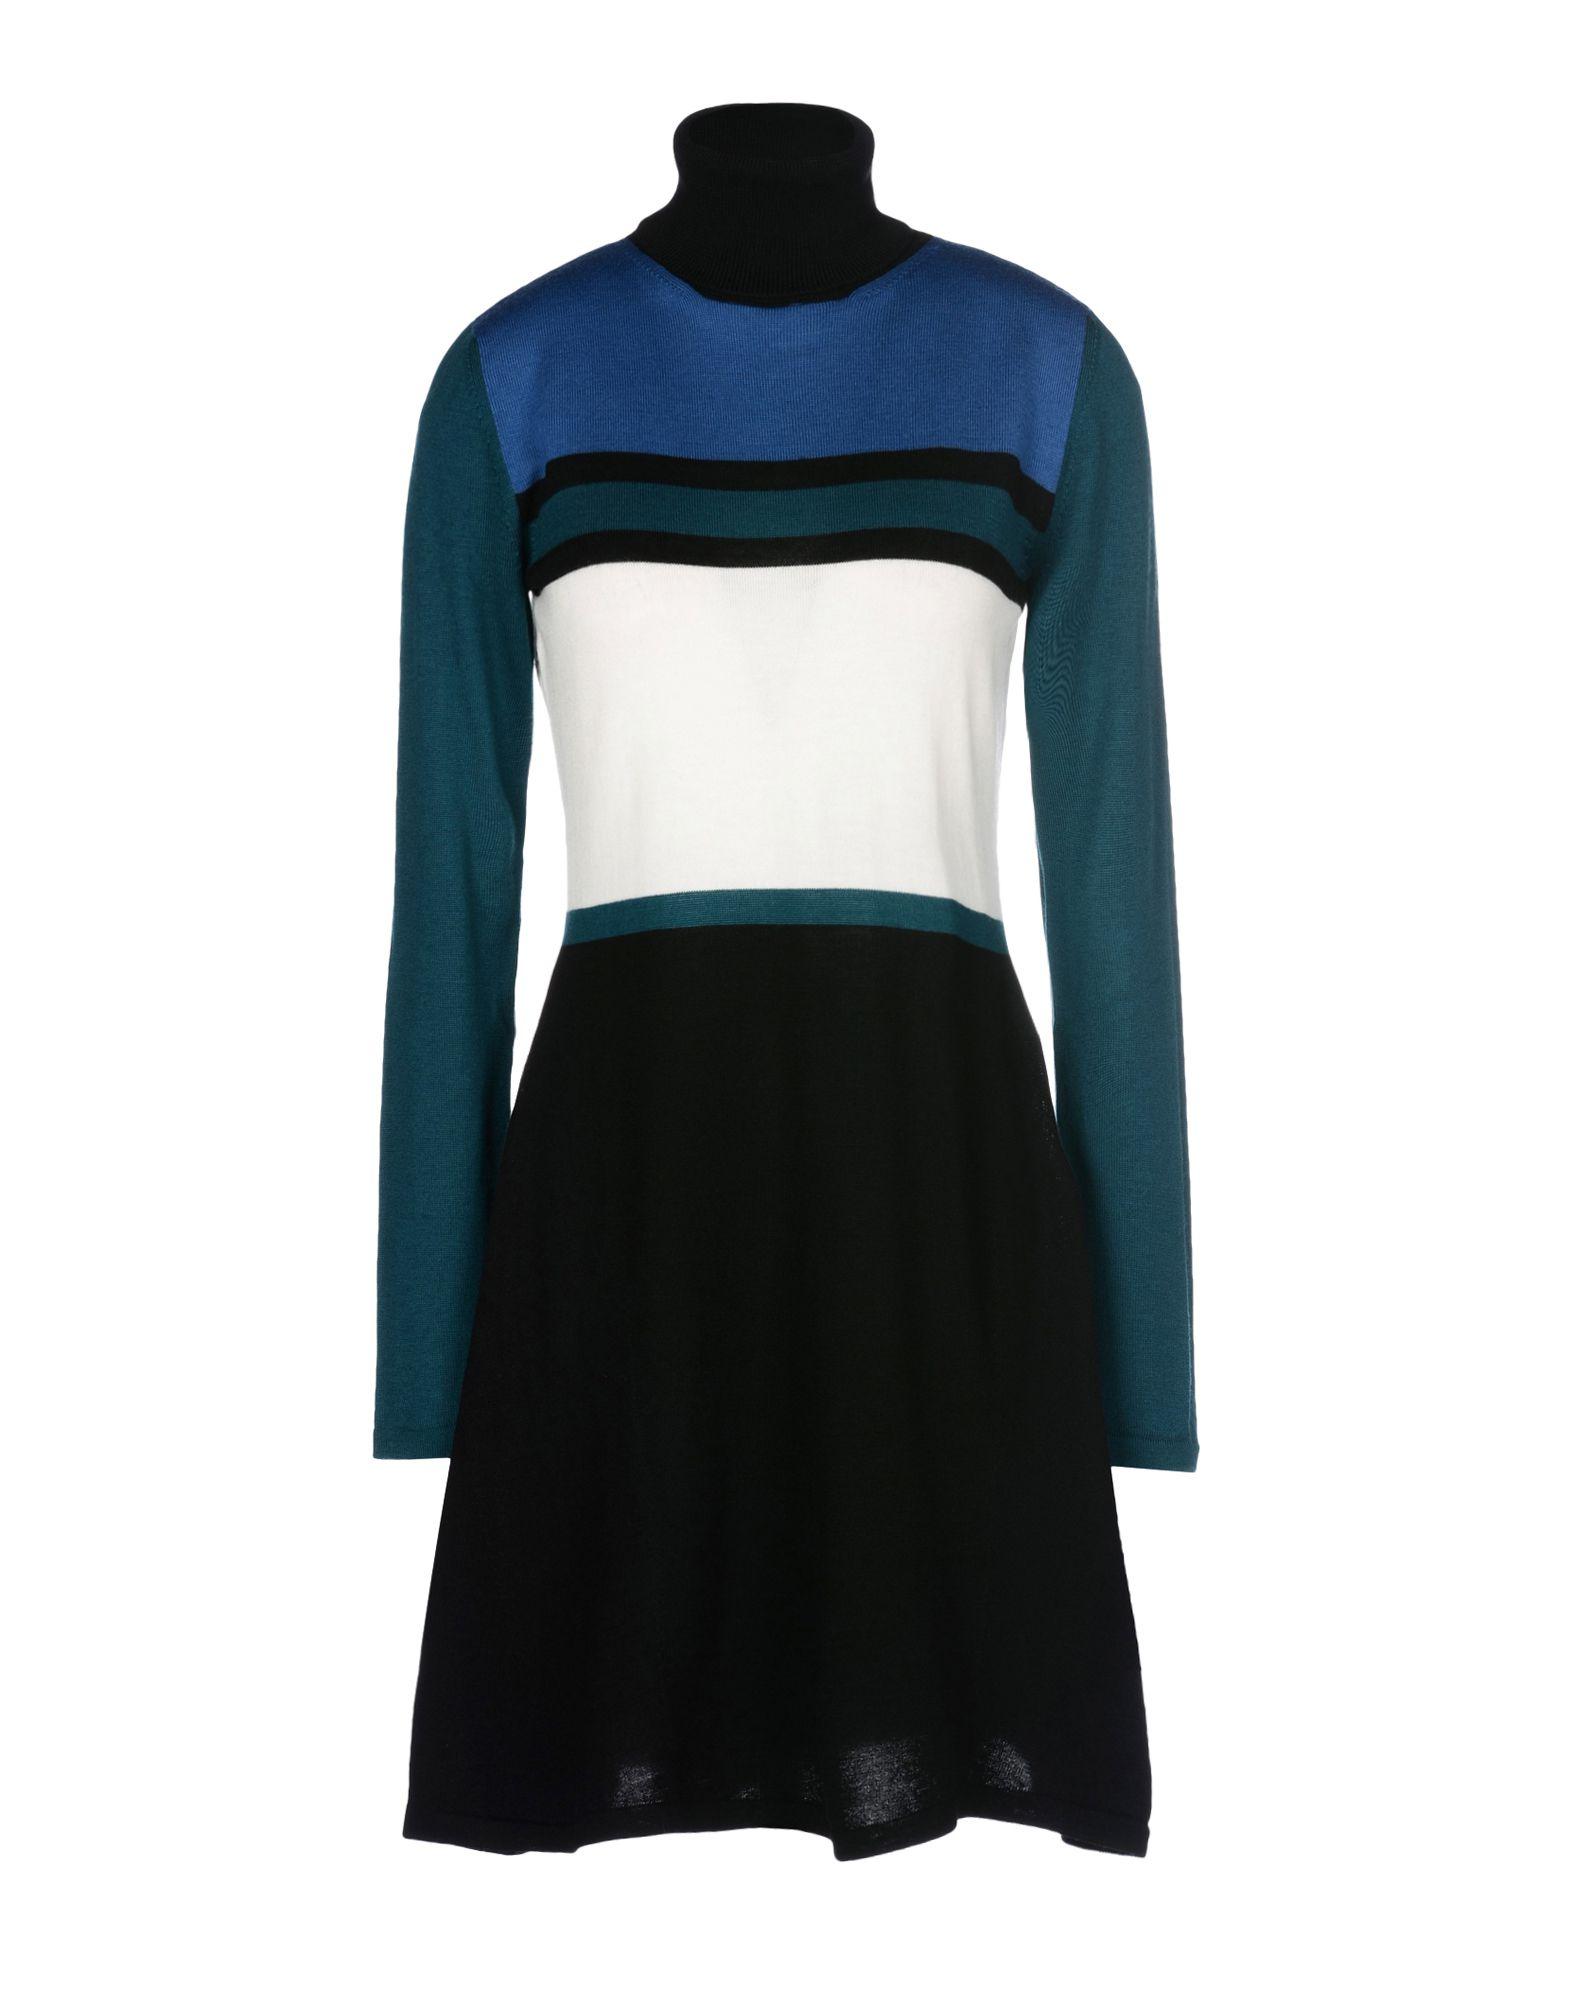 8 Короткое платье never enough короткое платье